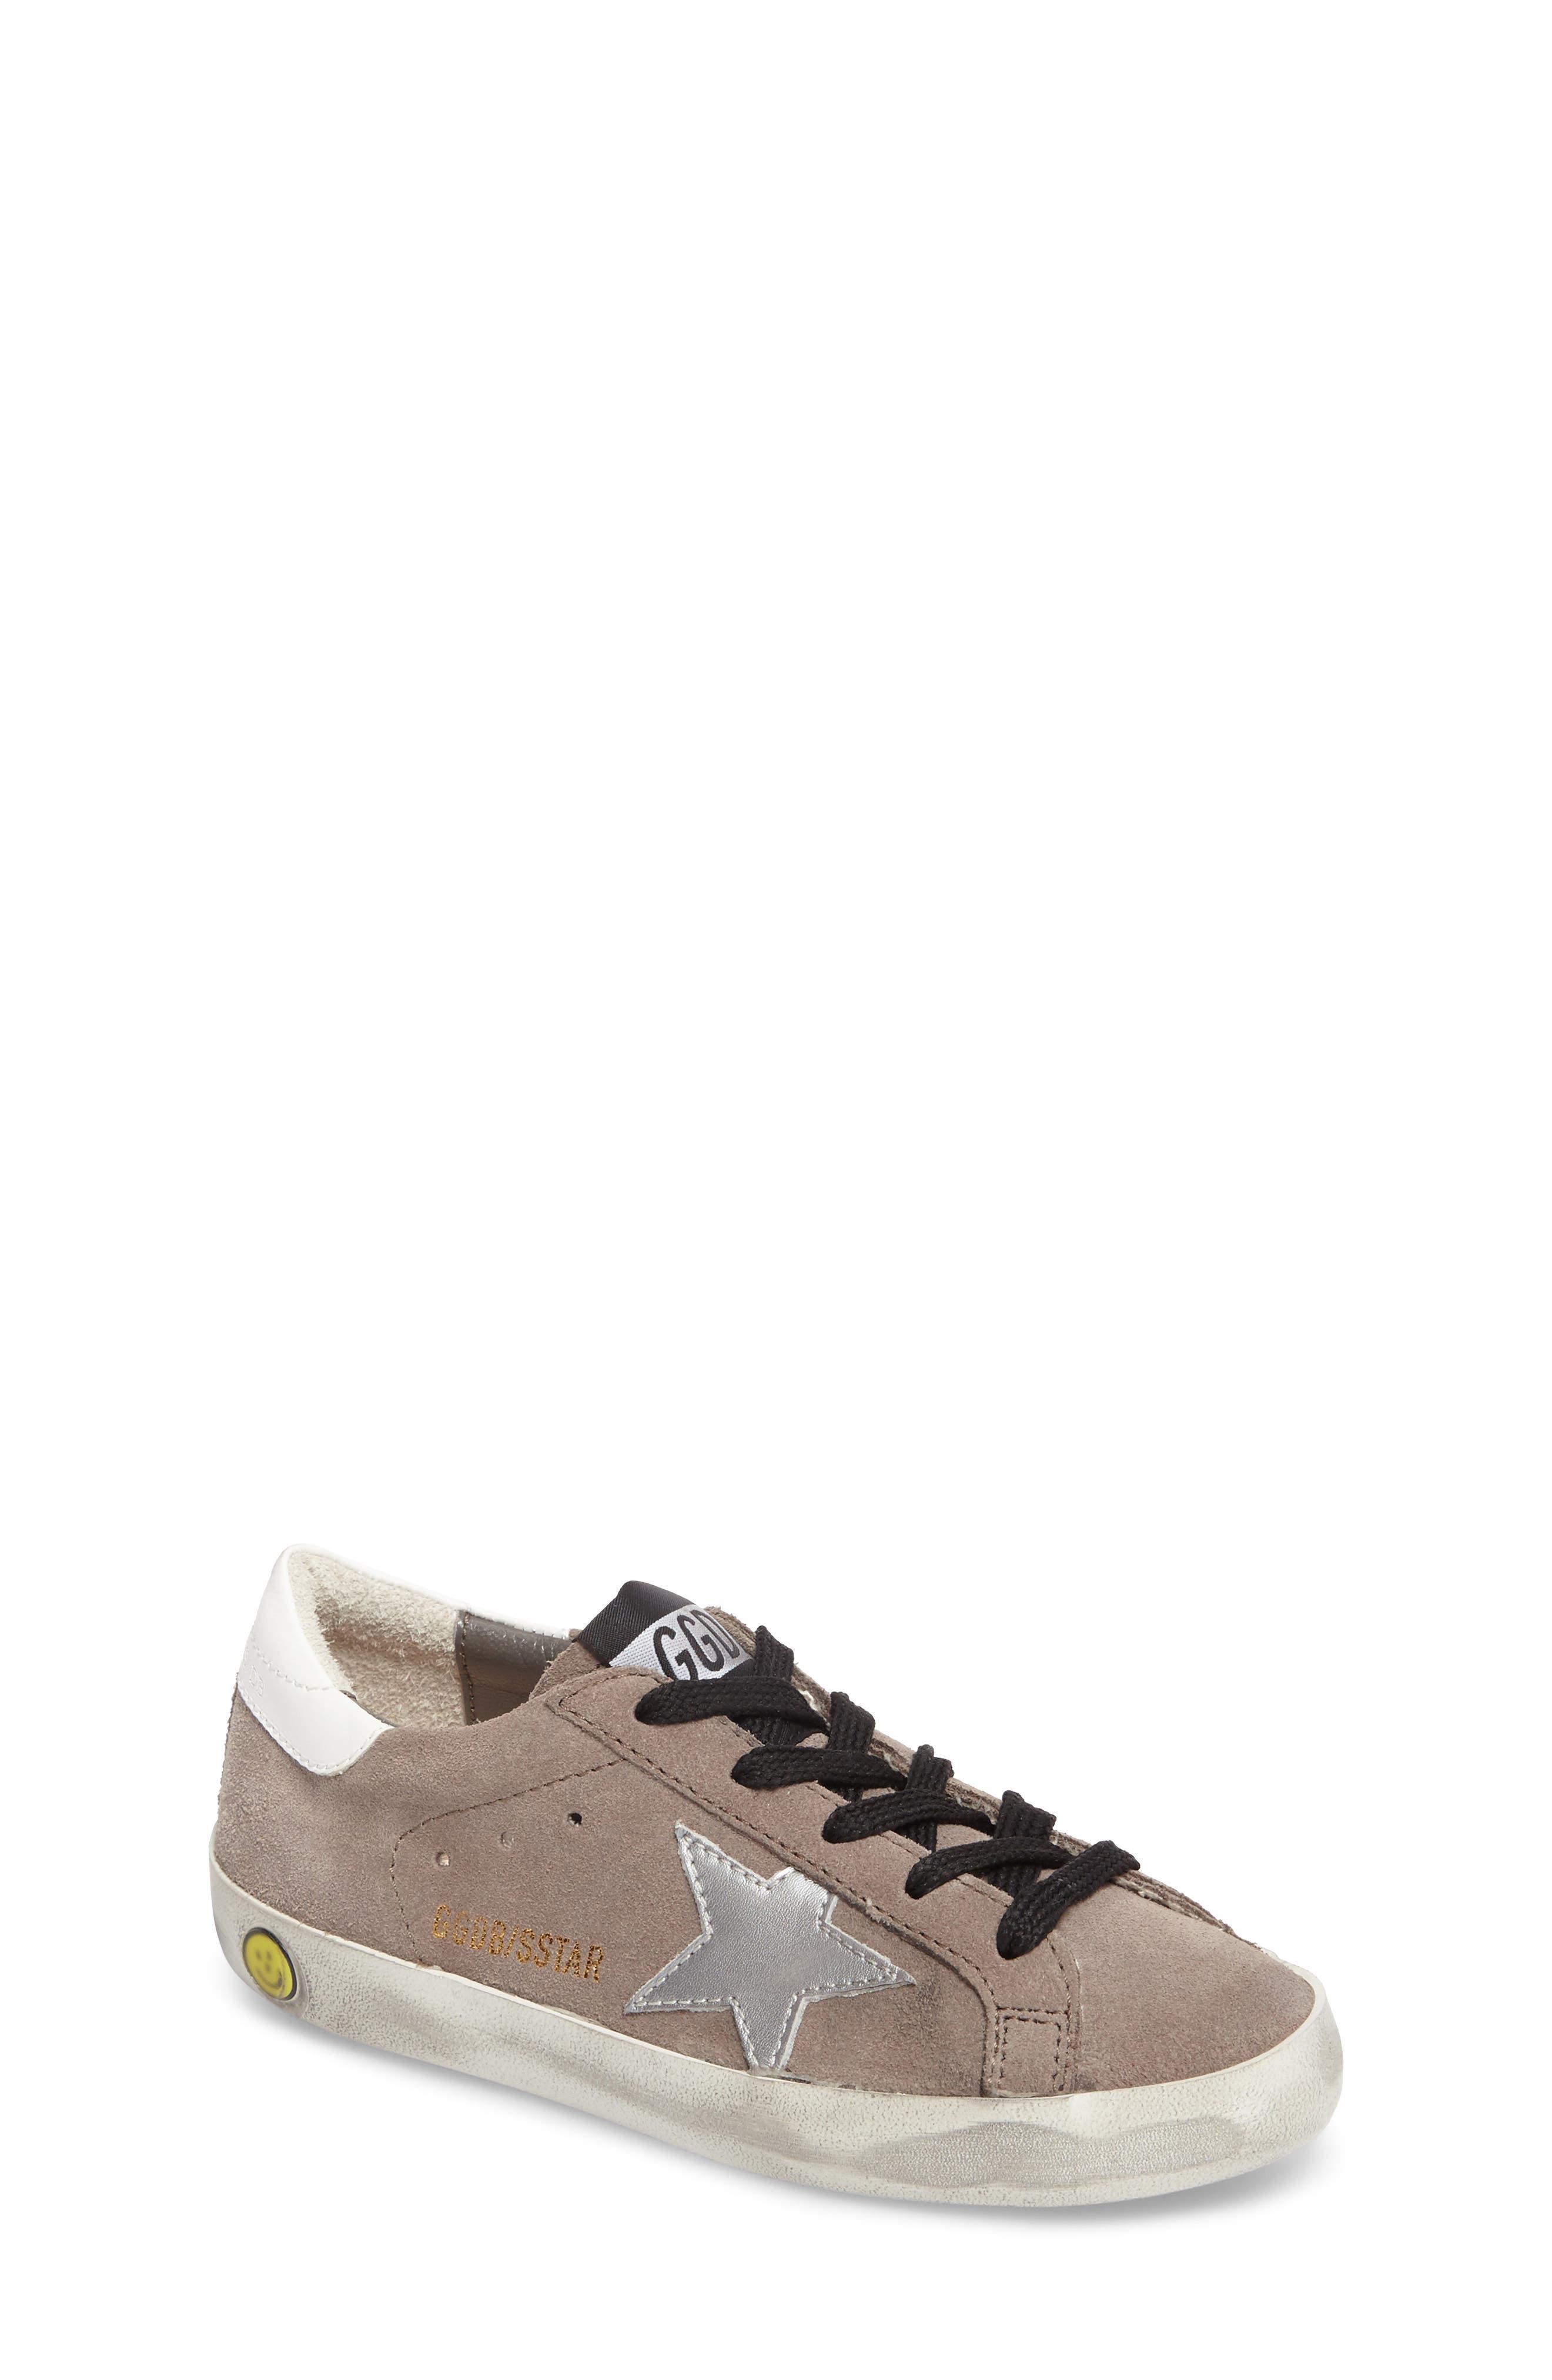 Superstar Low Top Sneaker,                         Main,                         color, 030